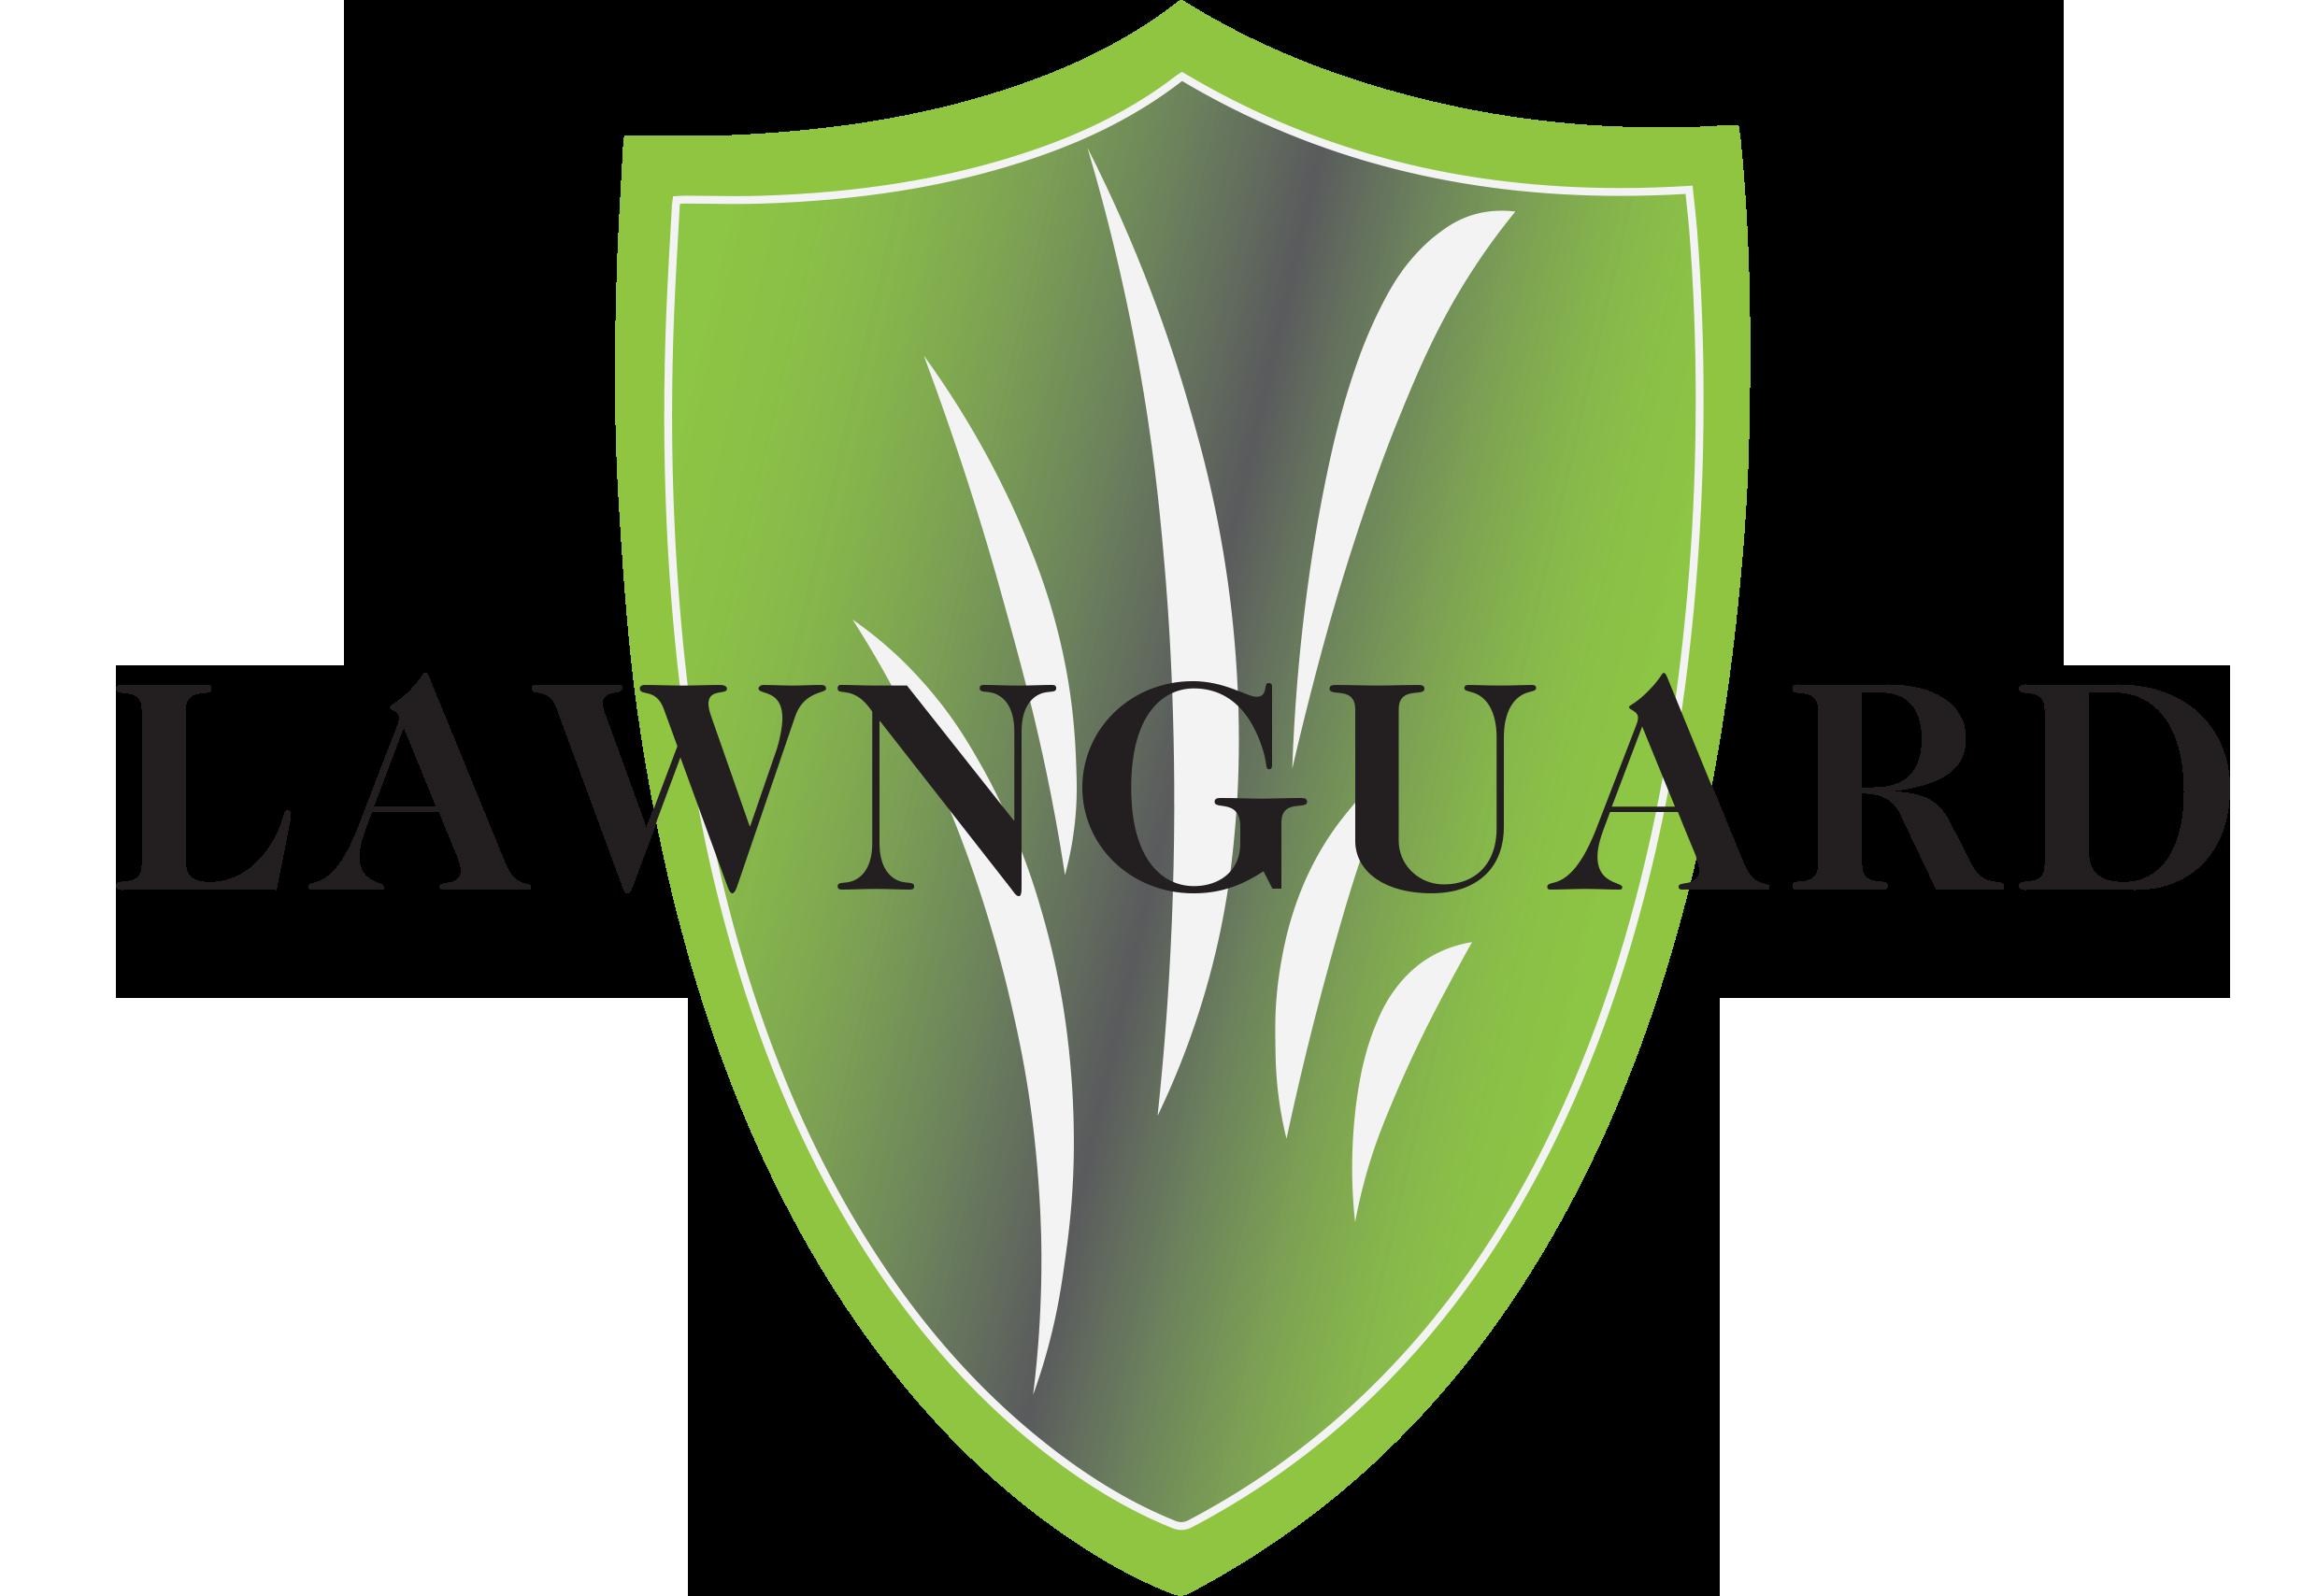 LawnGuard